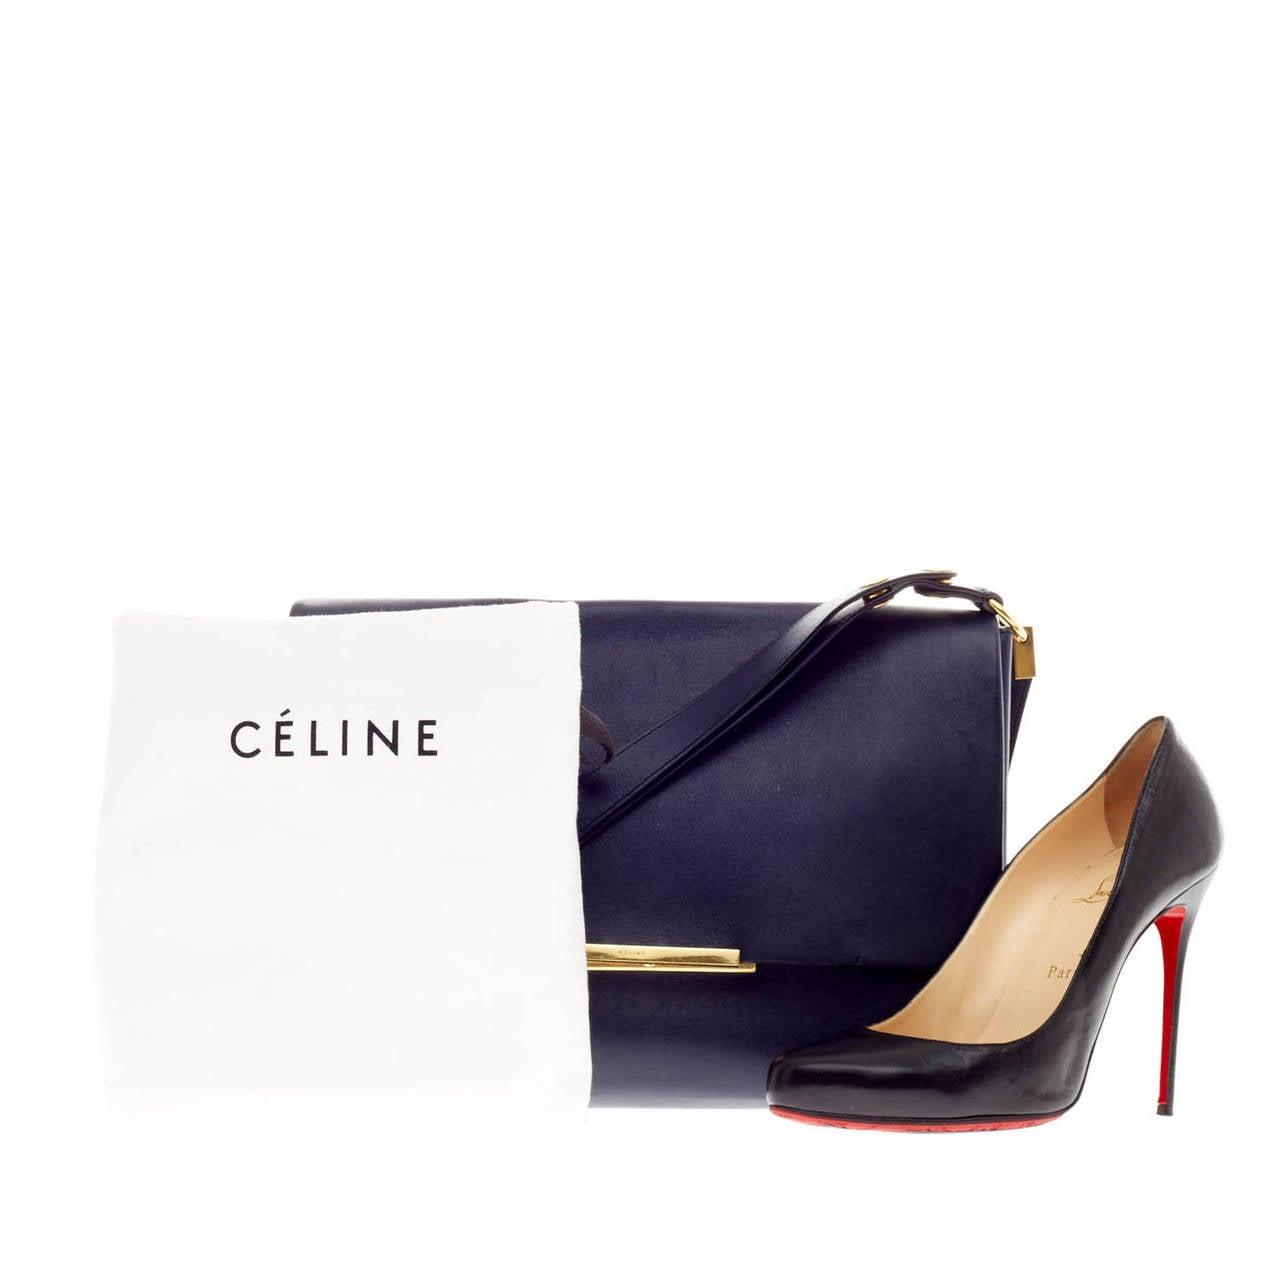 celine blade model bag